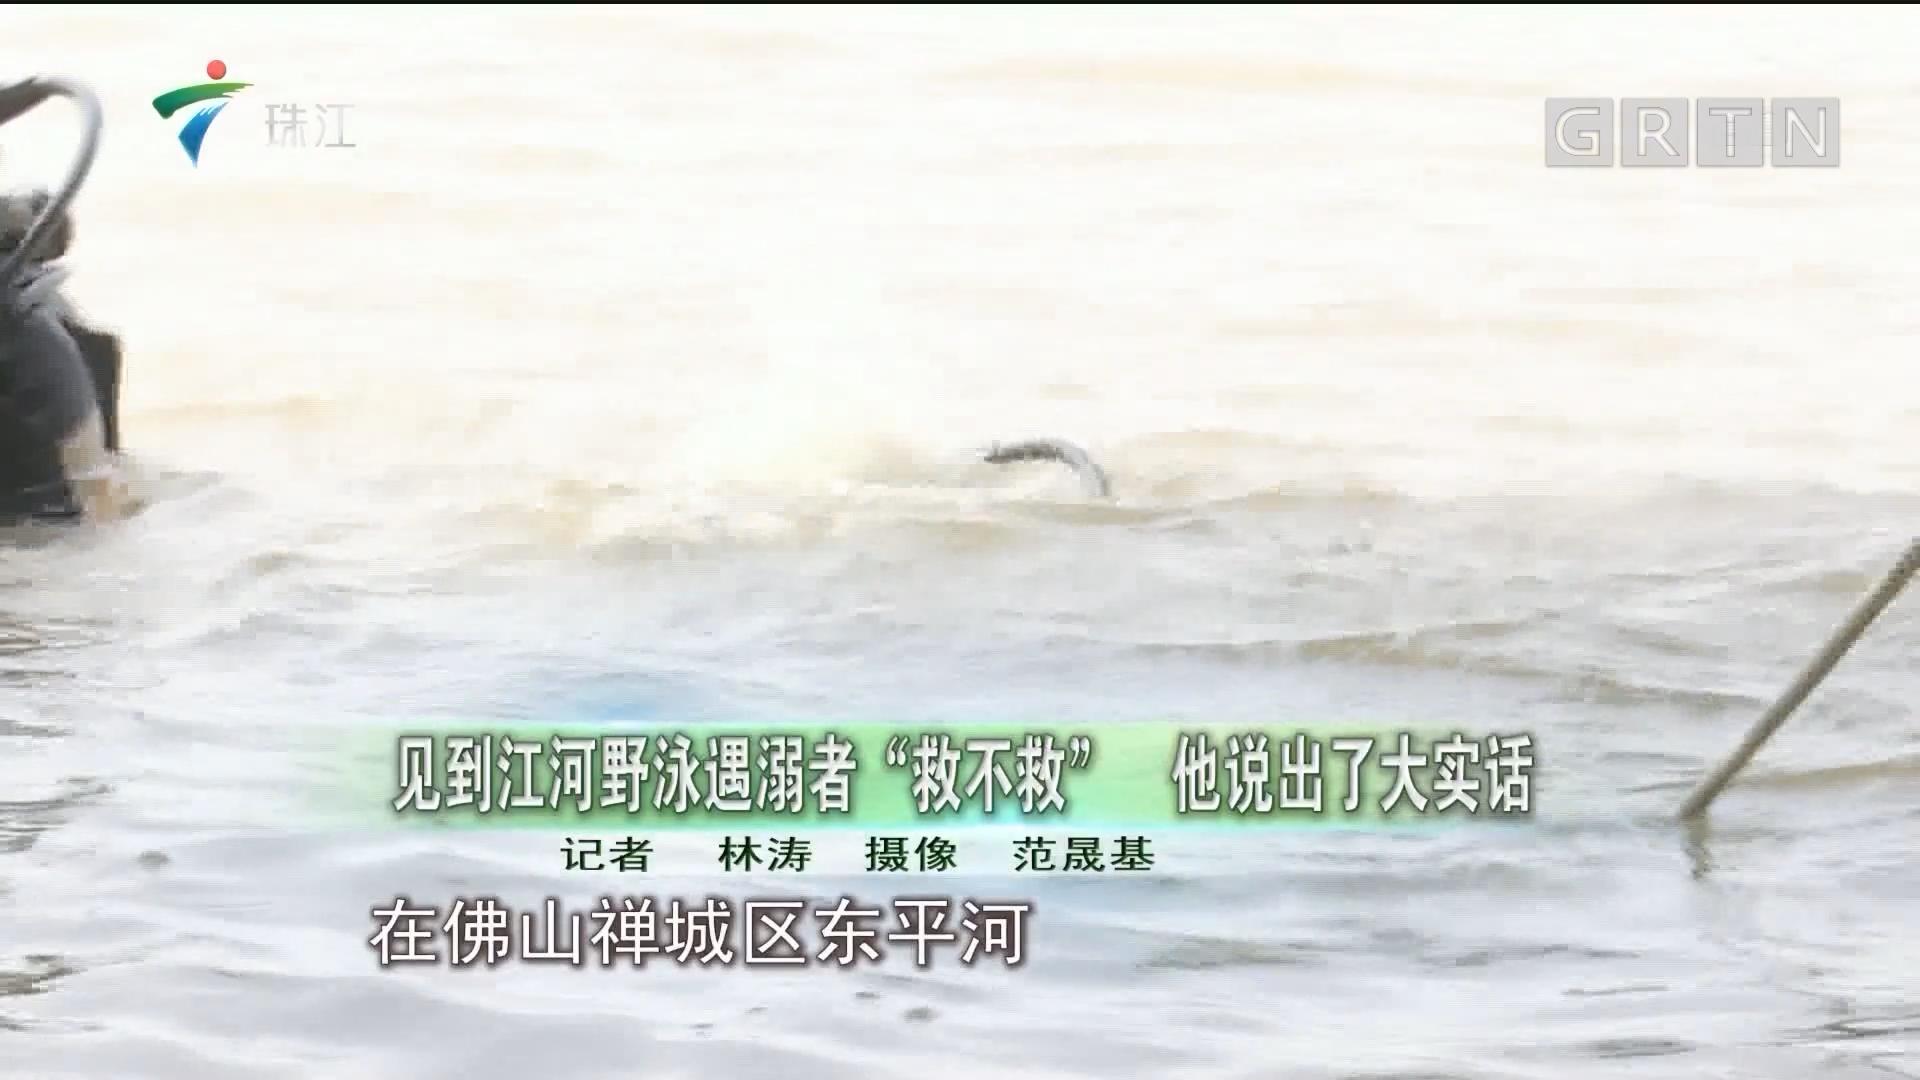 """見到江河野泳遇溺者""""救不救"""" 他說出了大實話"""